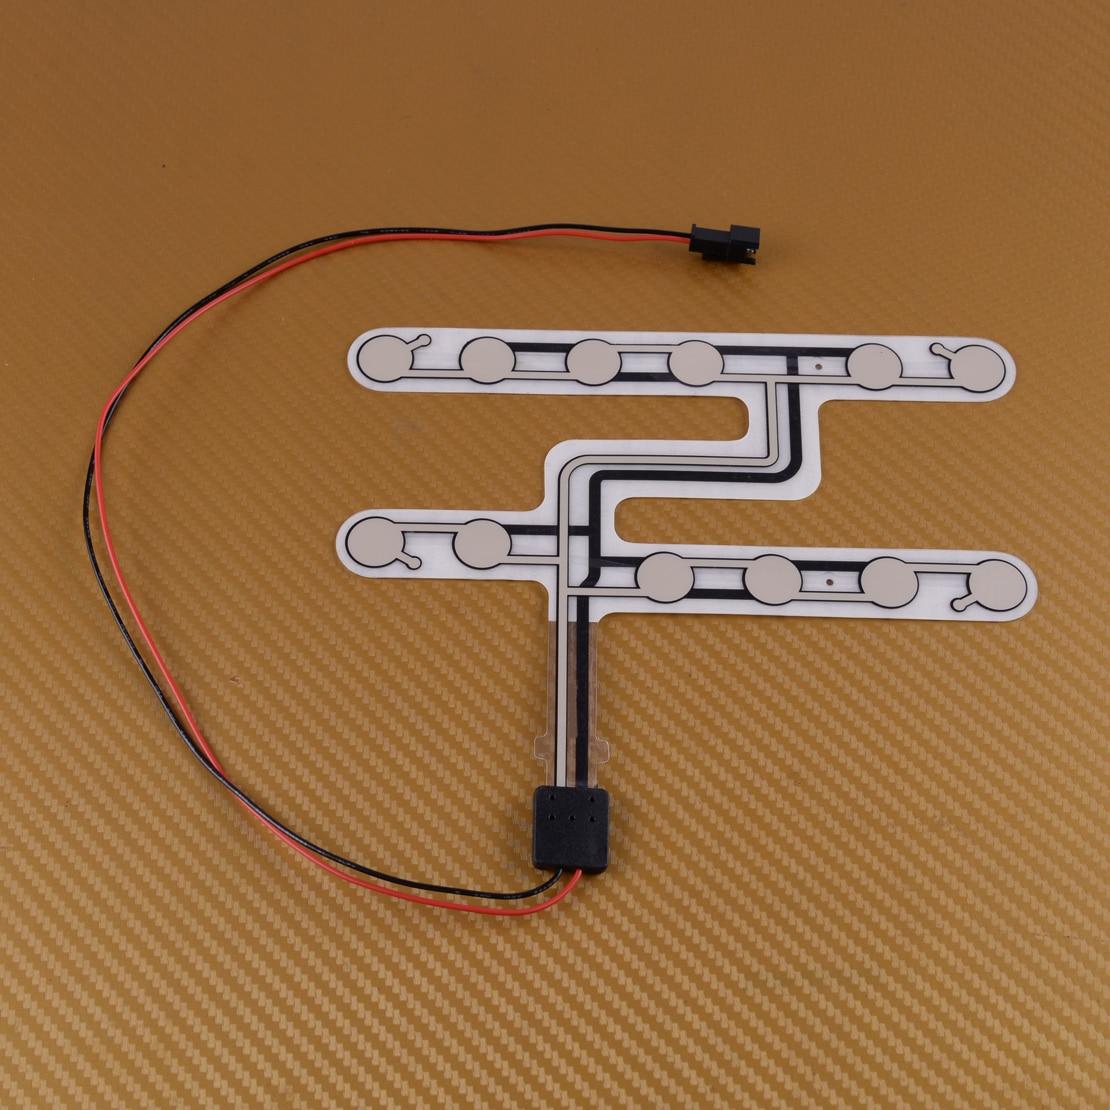 CITALL Universale Seggiolino Auto Cintura di Sicurezza del Sensore di Pressione Accessorio di Avvertimento Promemoria Pad Occupato Seduto di Allarme